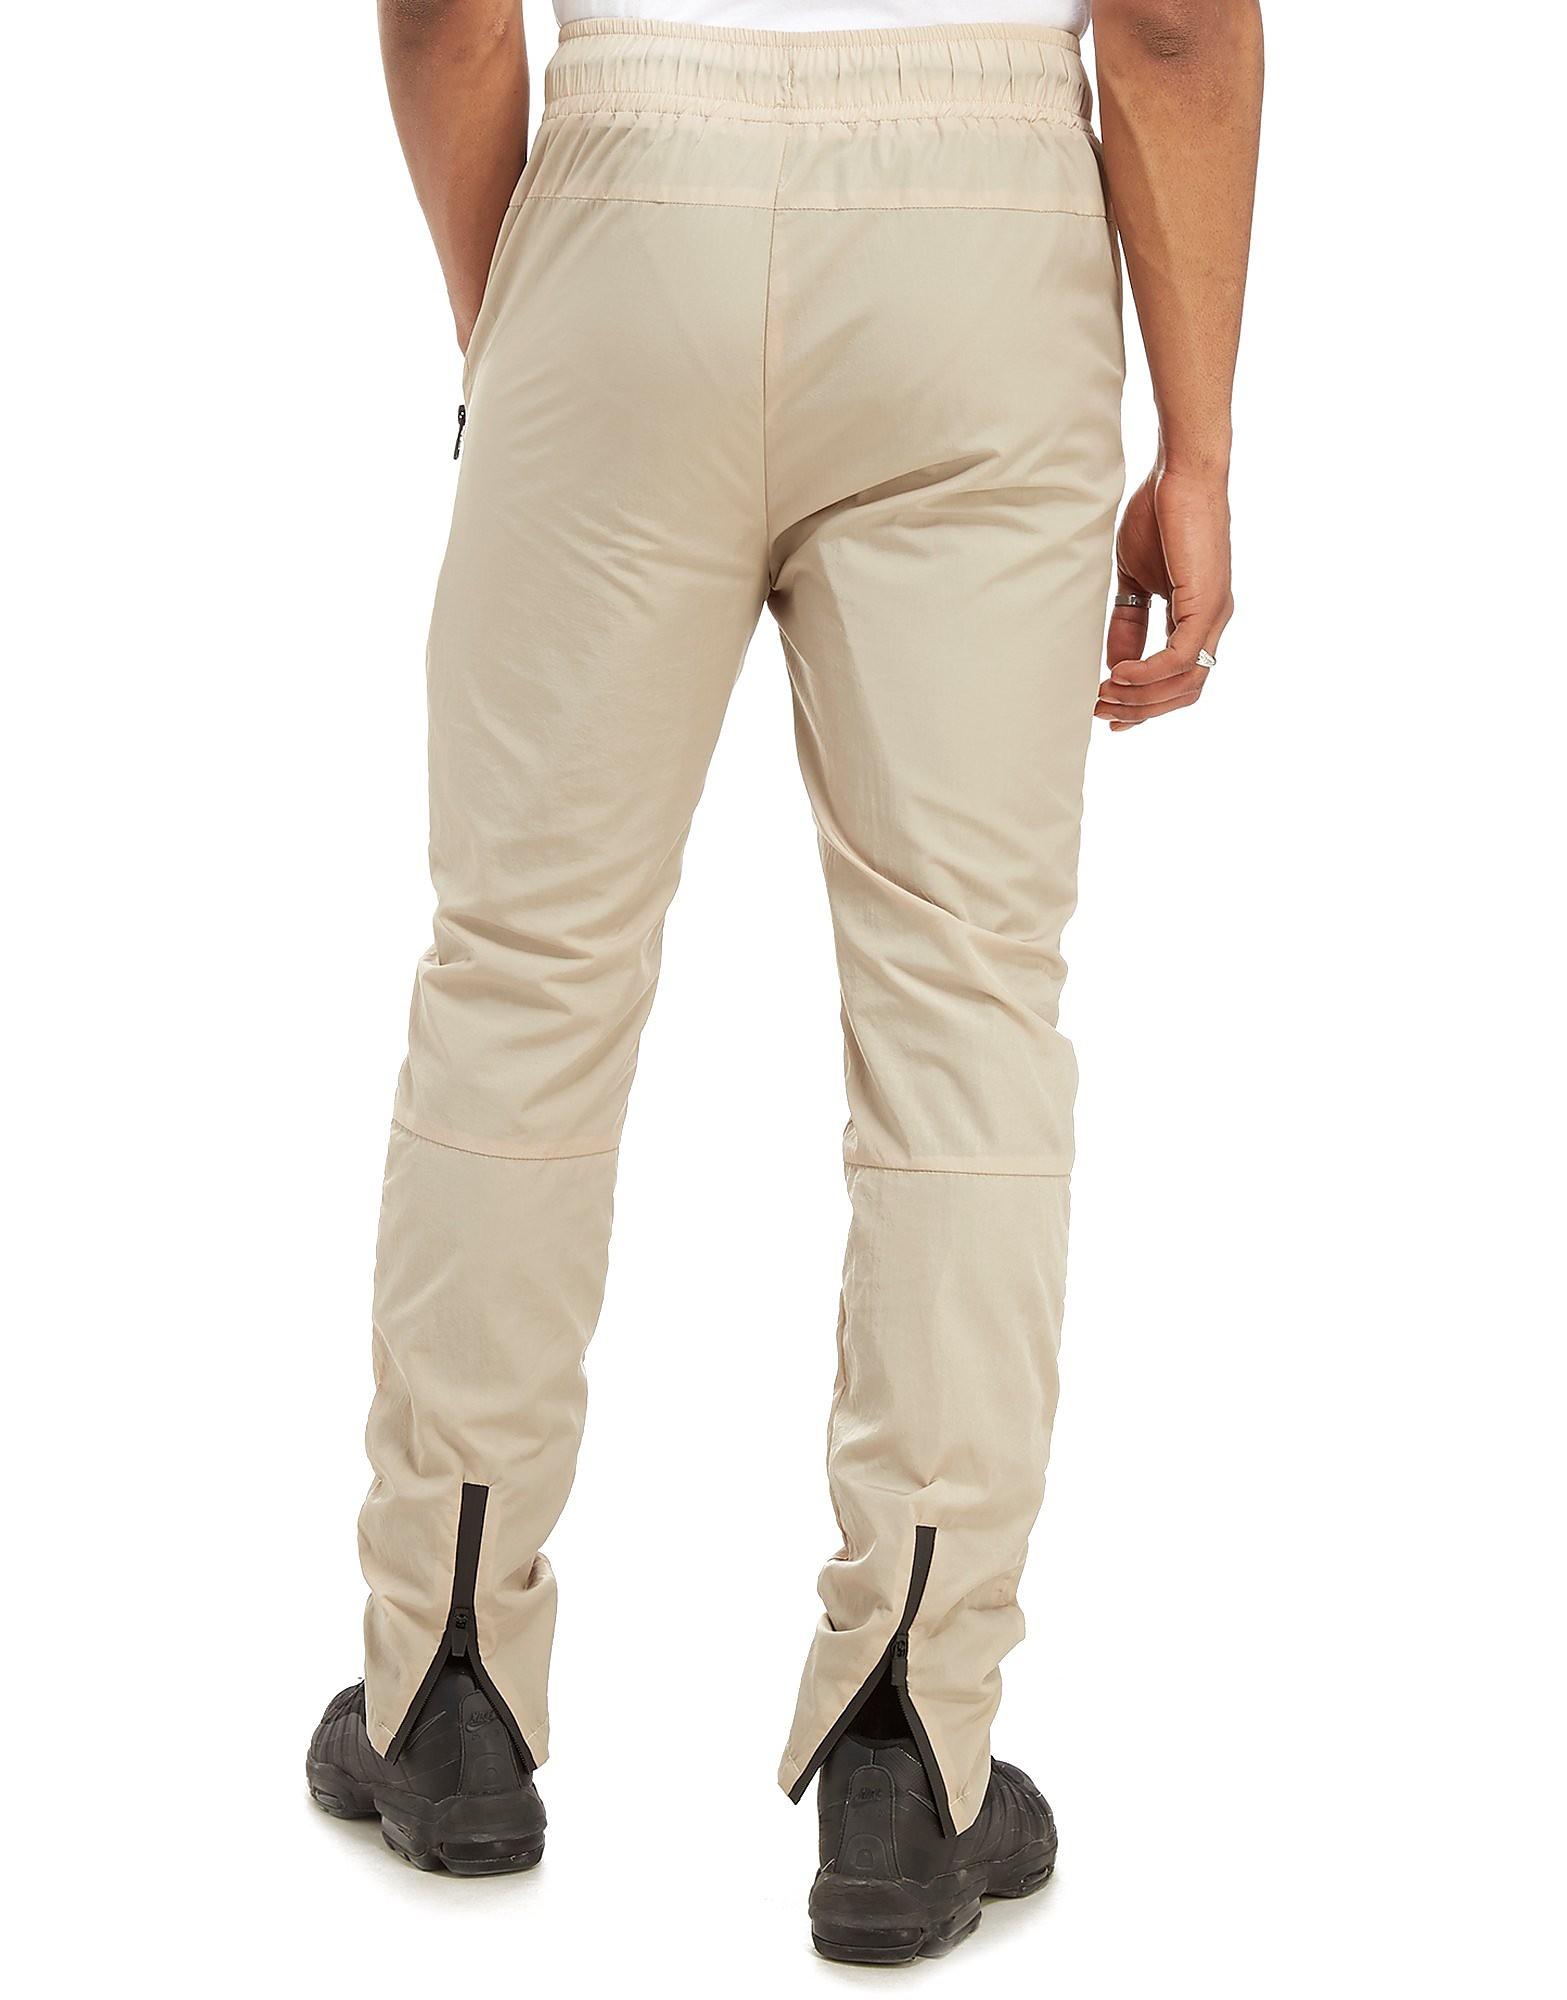 Align Gannet Woven Pantaloni